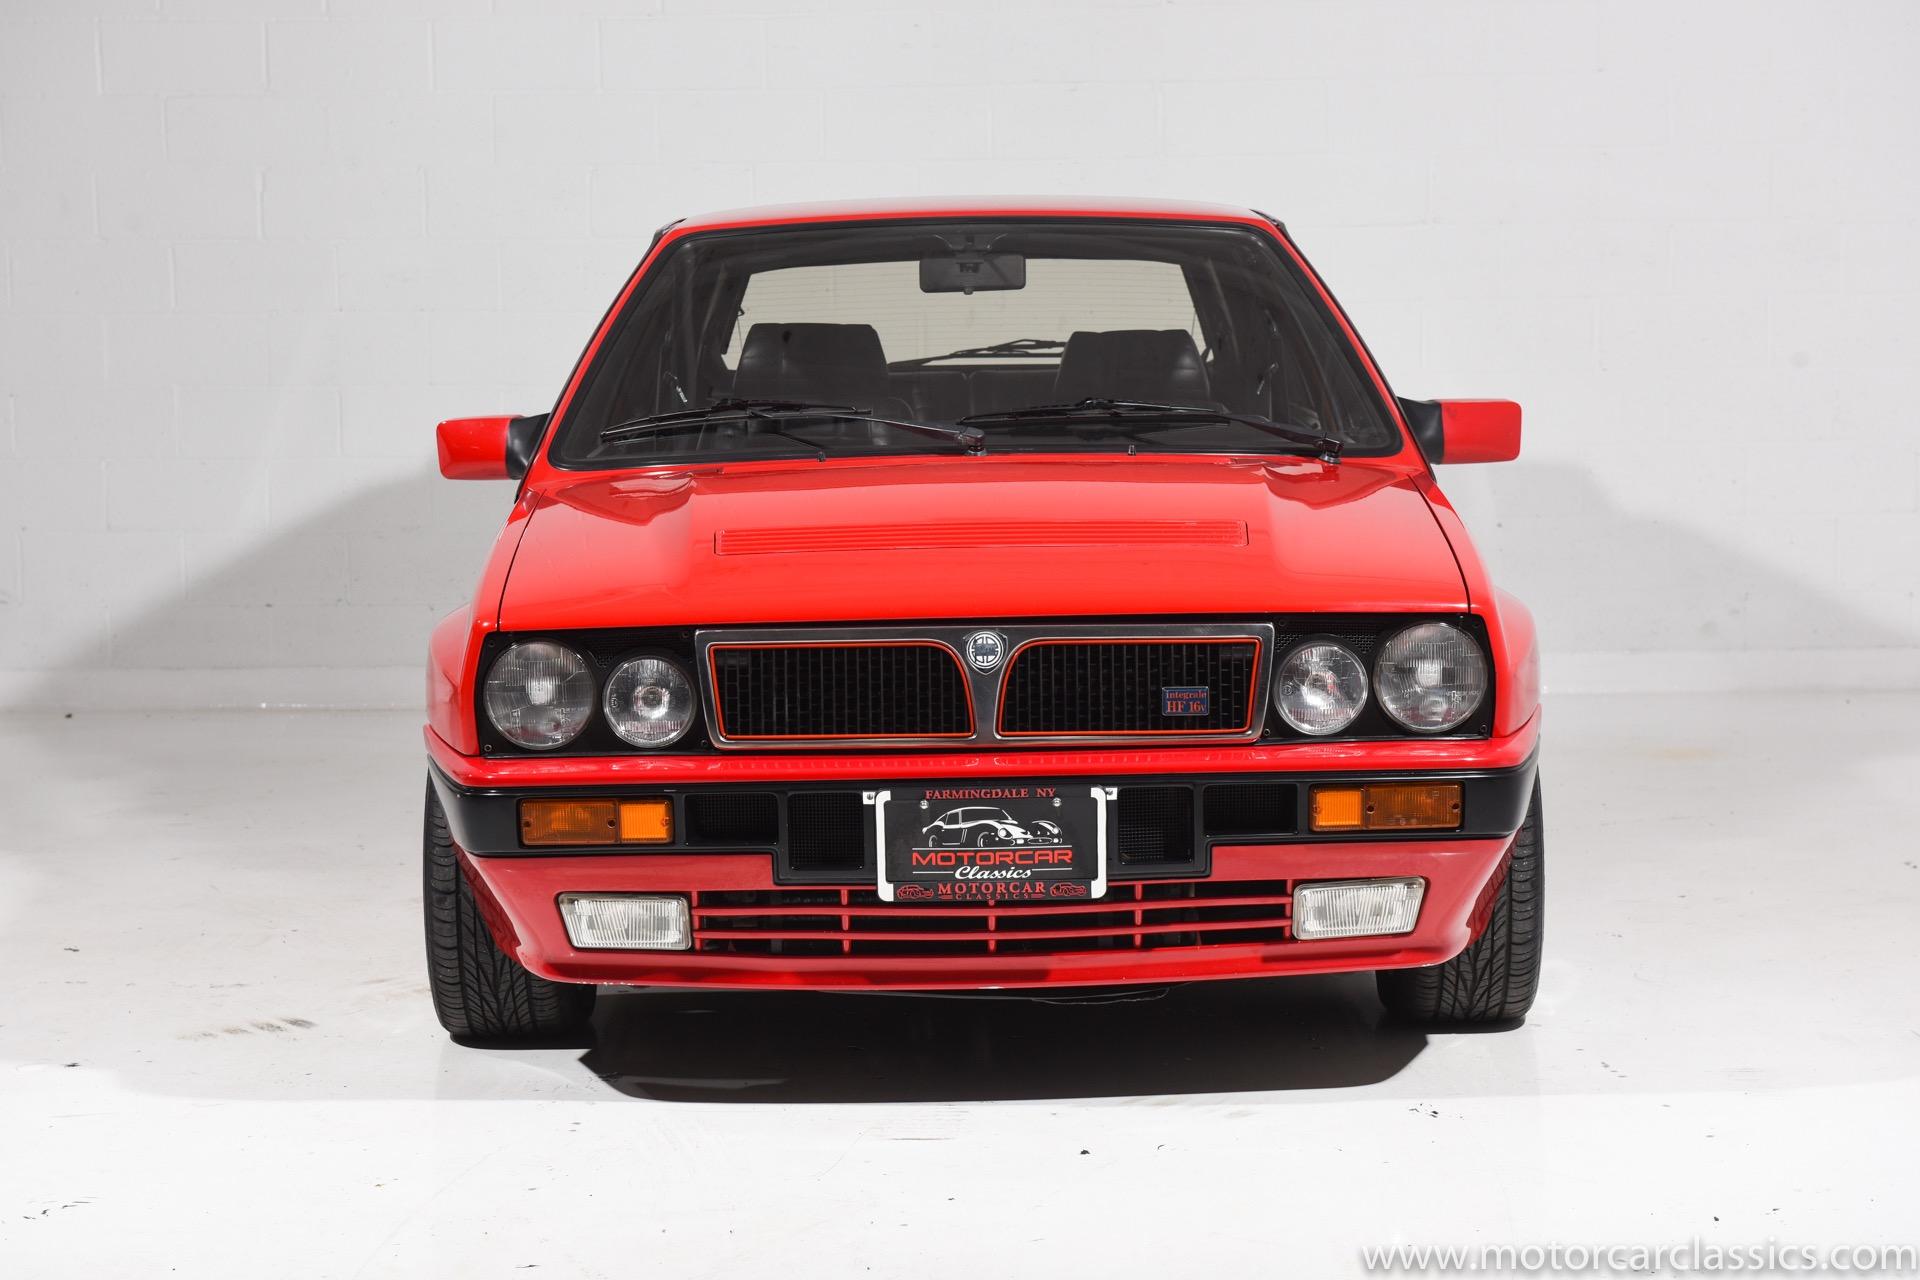 1991 Lancia Integrale Delta